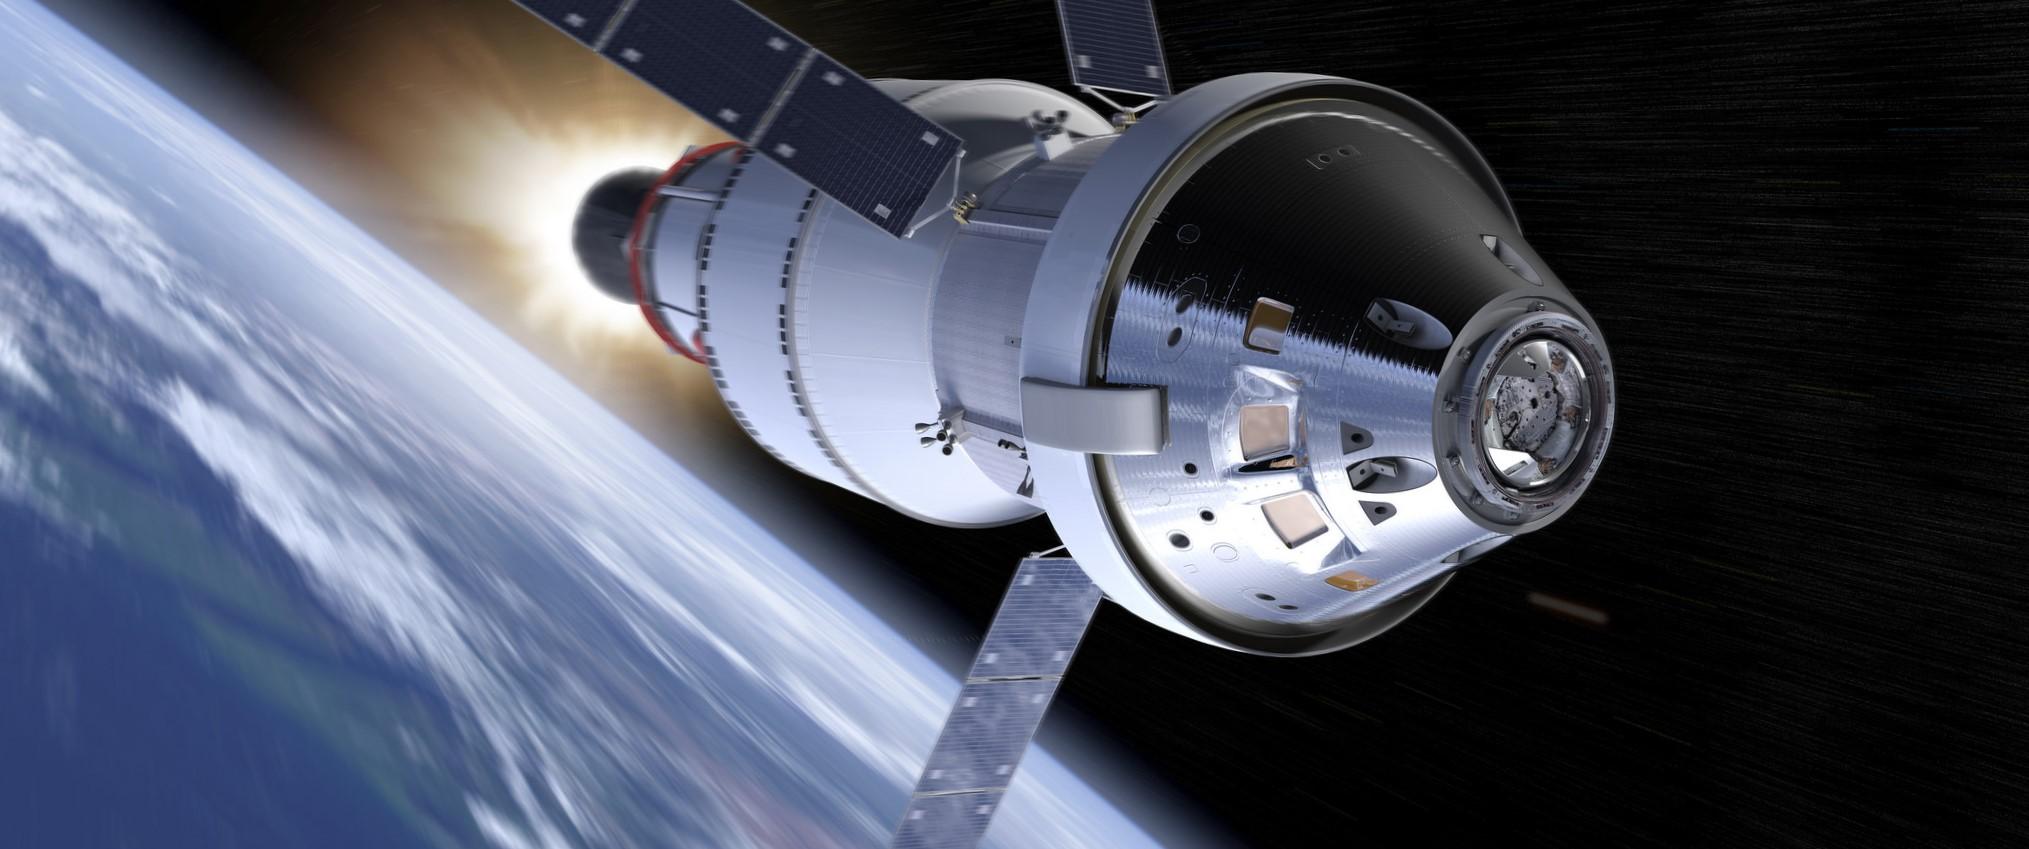 Orion (NASA) 2 crop